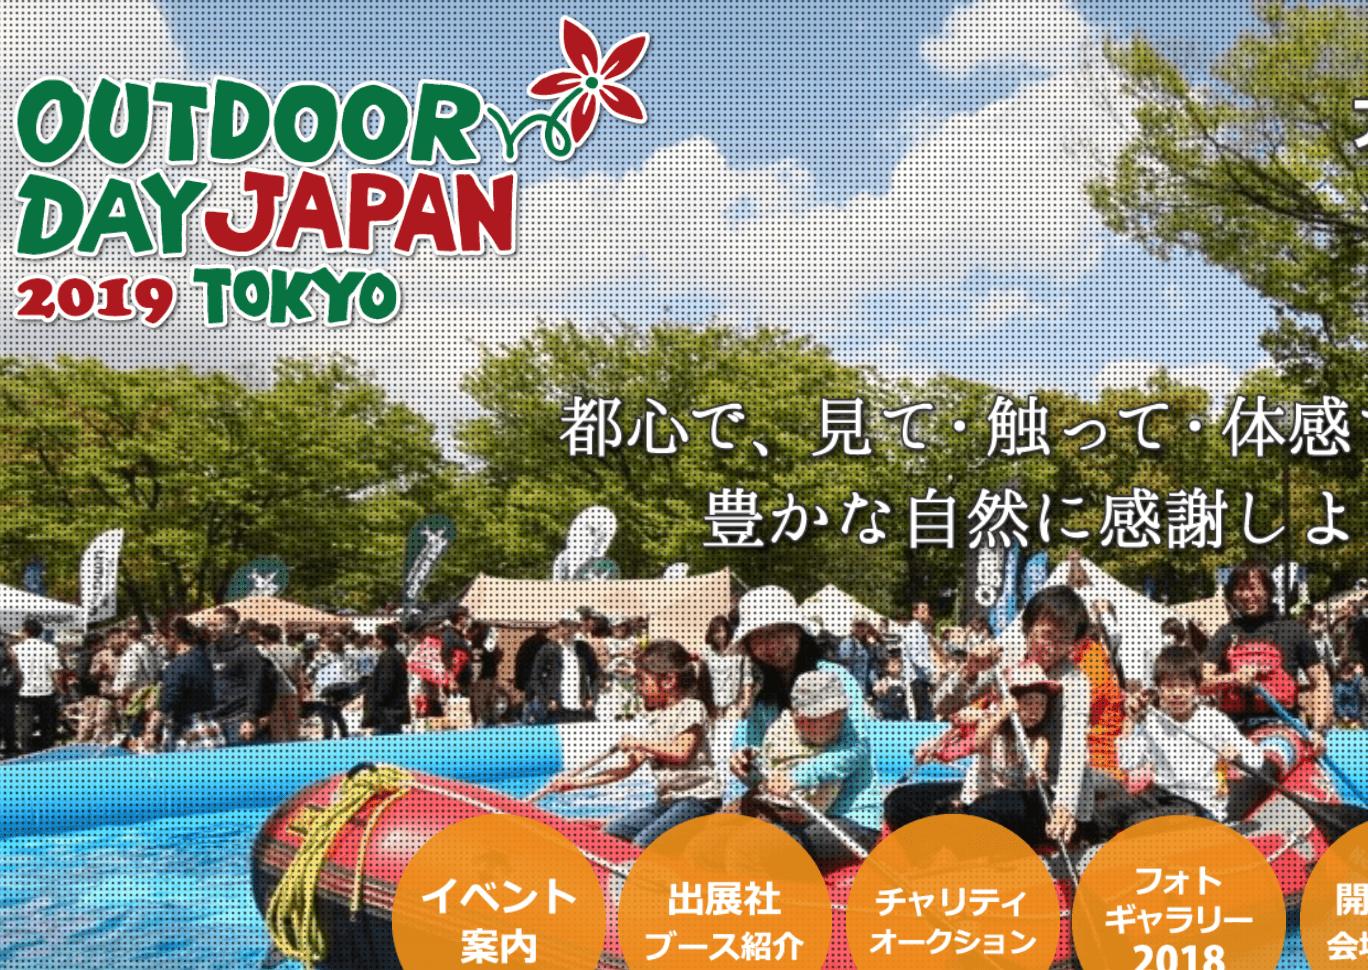 代々木公園 アウトドアデイジャパン2019